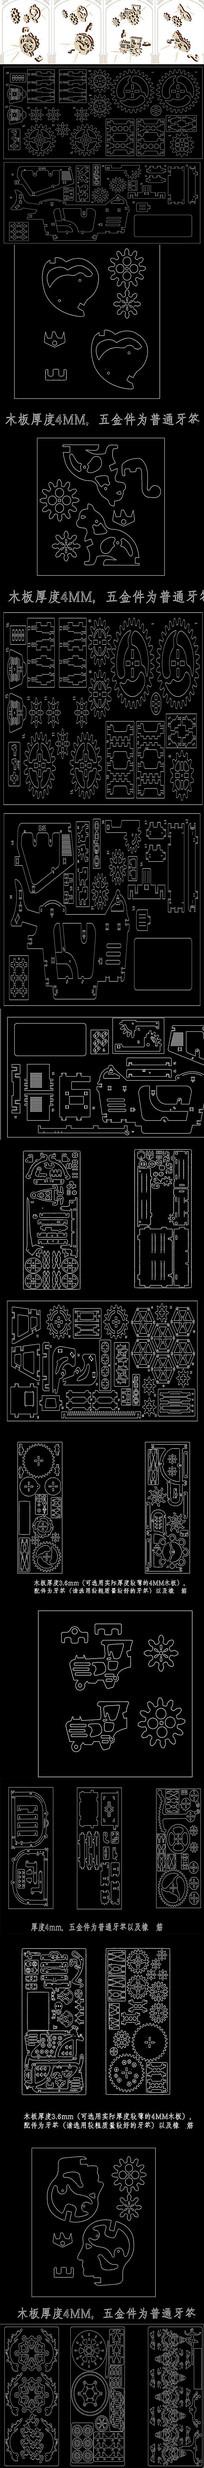 11款乌式木质机械传动模型